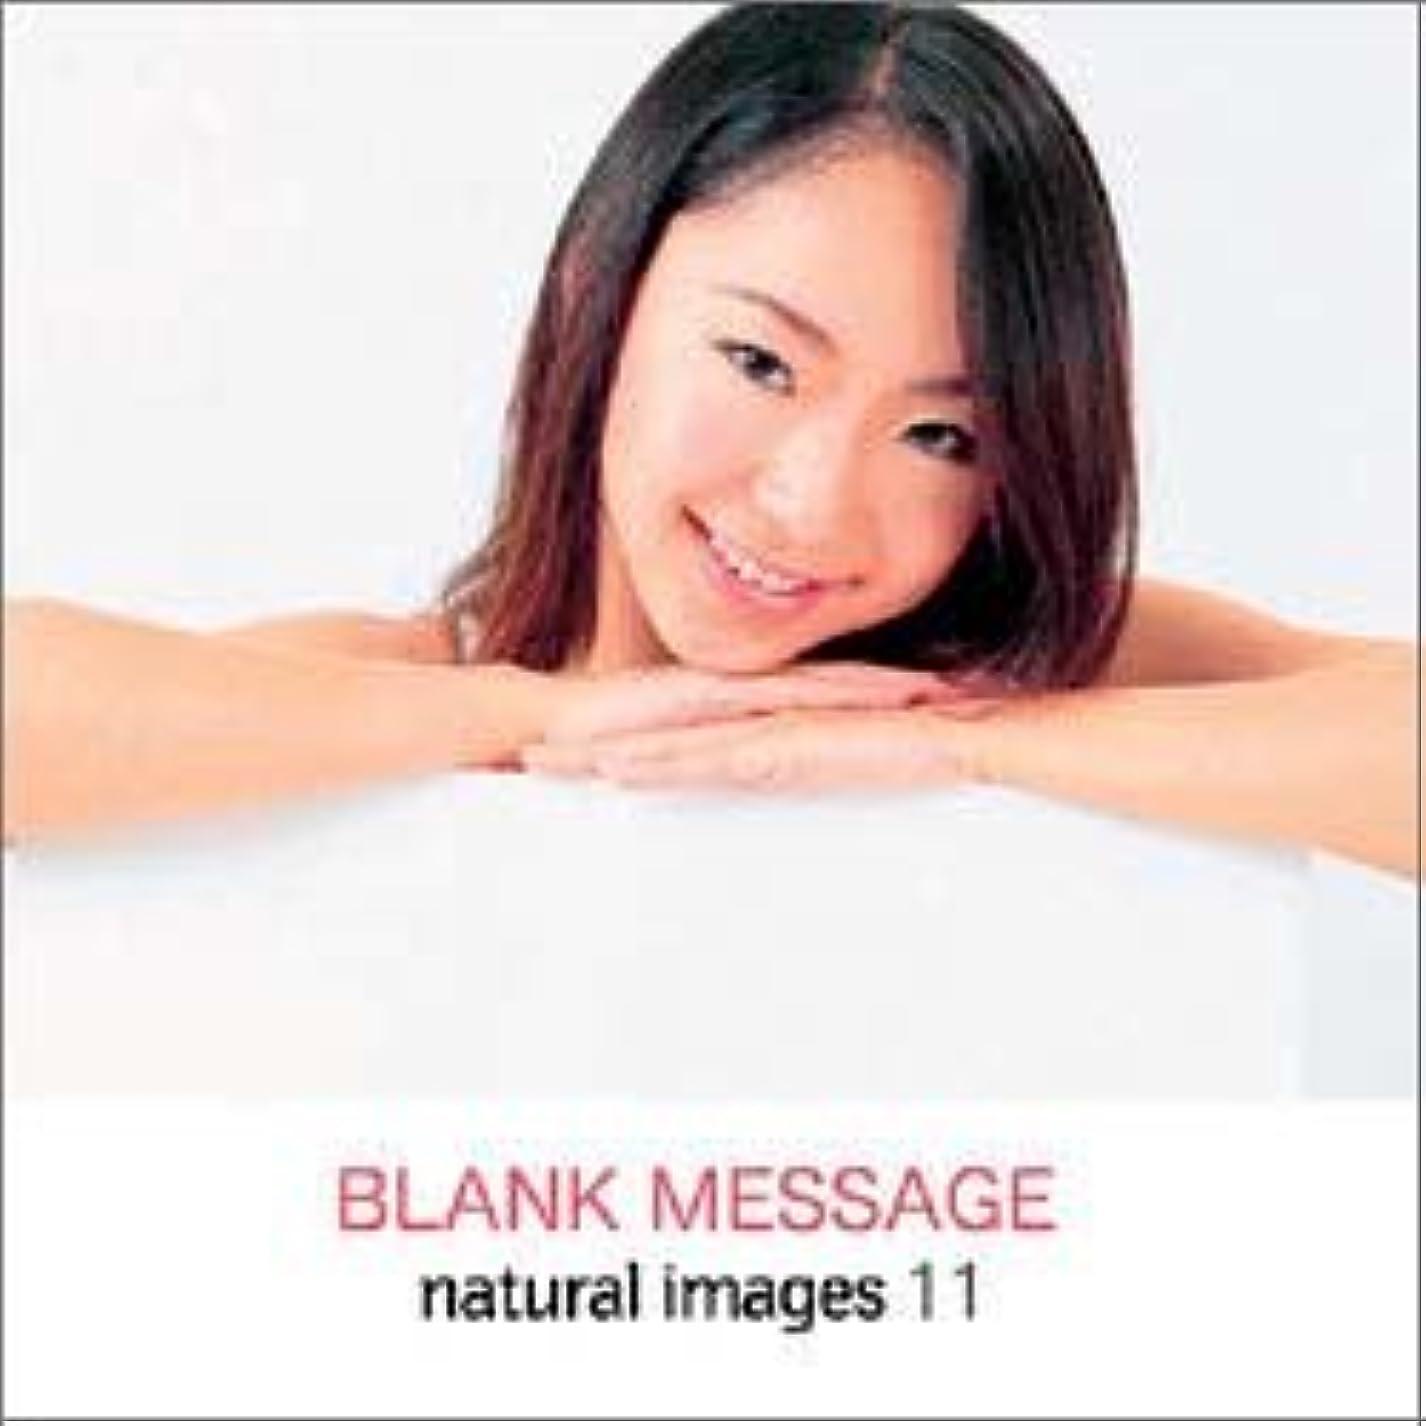 どれでも用語集ヒュームnatural images Vol.11 BLANK MESSAGE